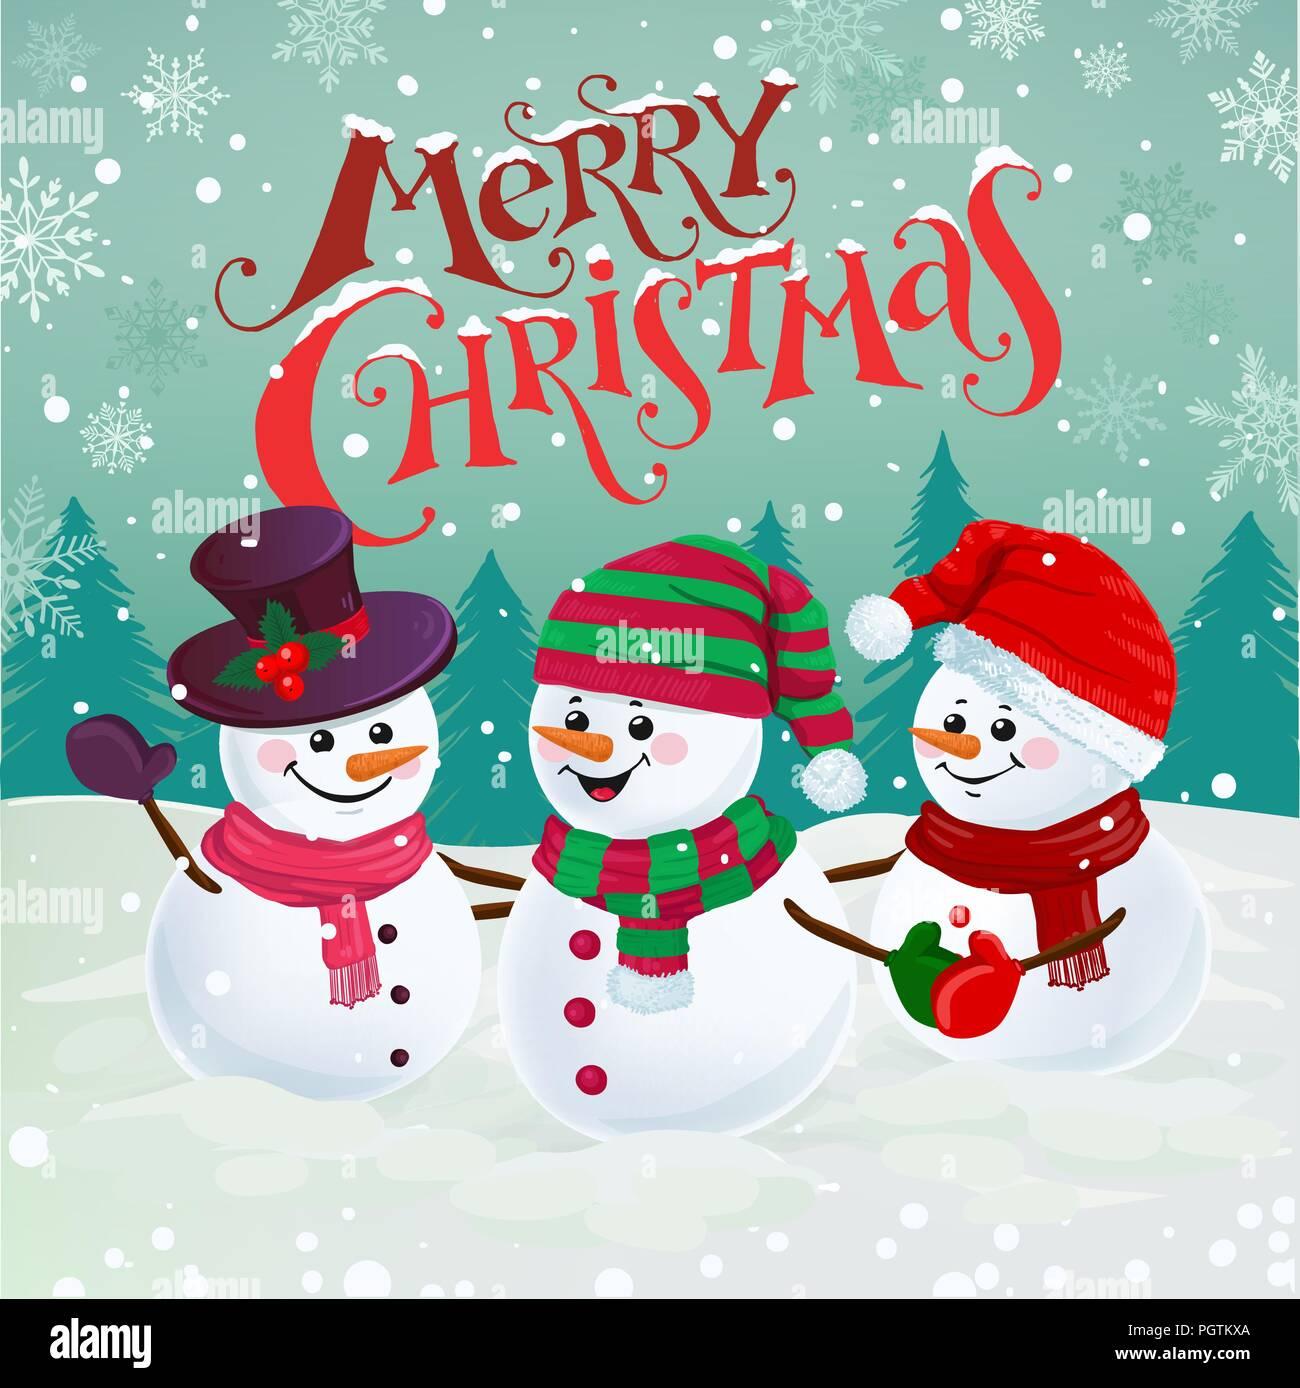 Frohe Weihnachten Lustige Bilder.Drei Lustige Schneemanner In Mutzen Schals Und Handschuhe